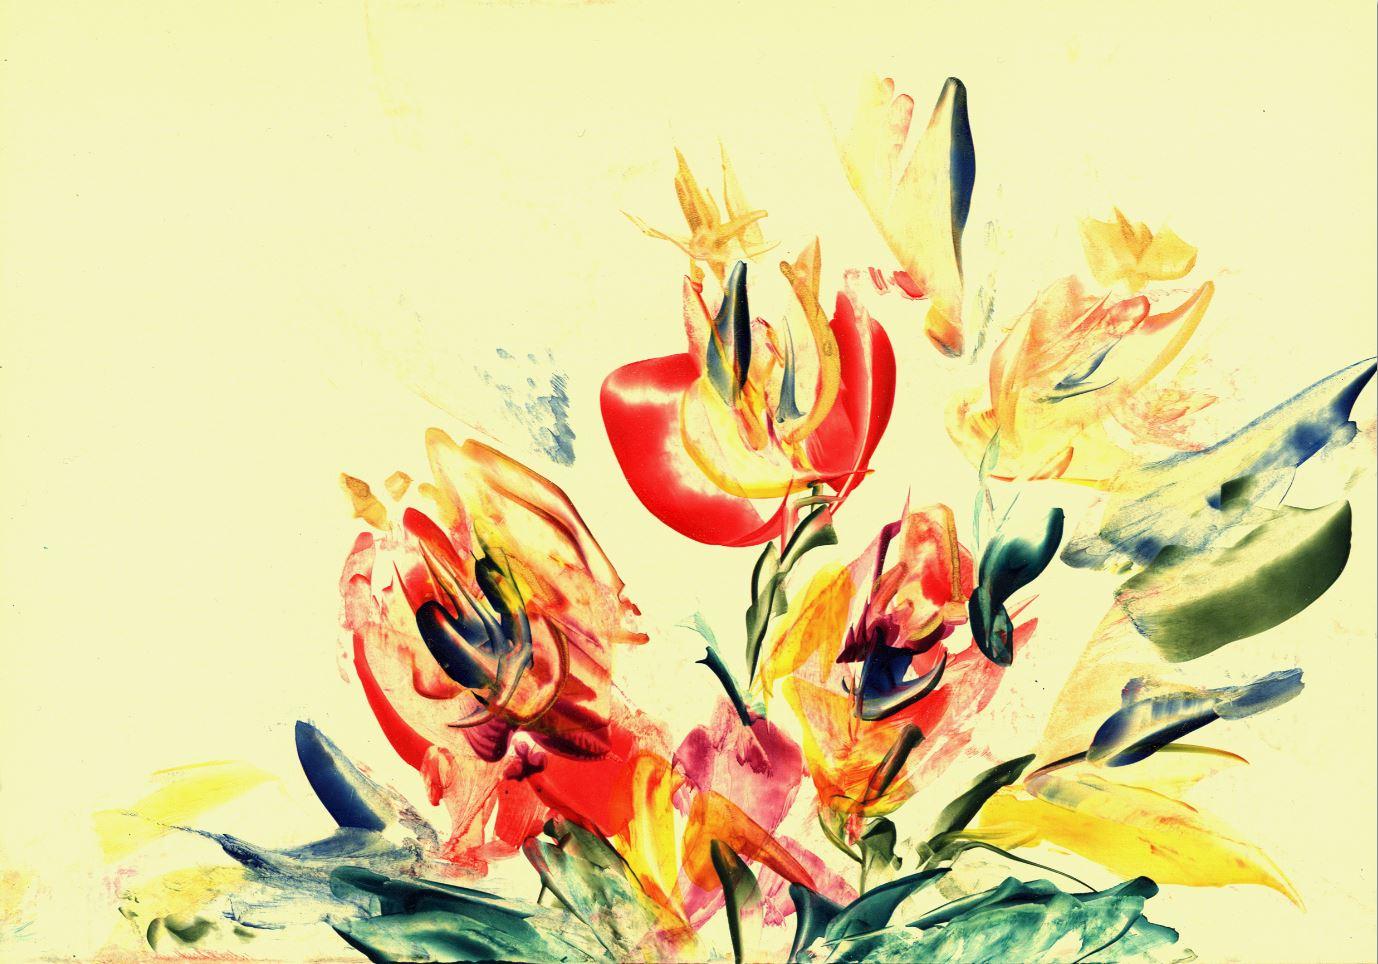 Flowers on peach (Natalie Dekel, Oct 2009)